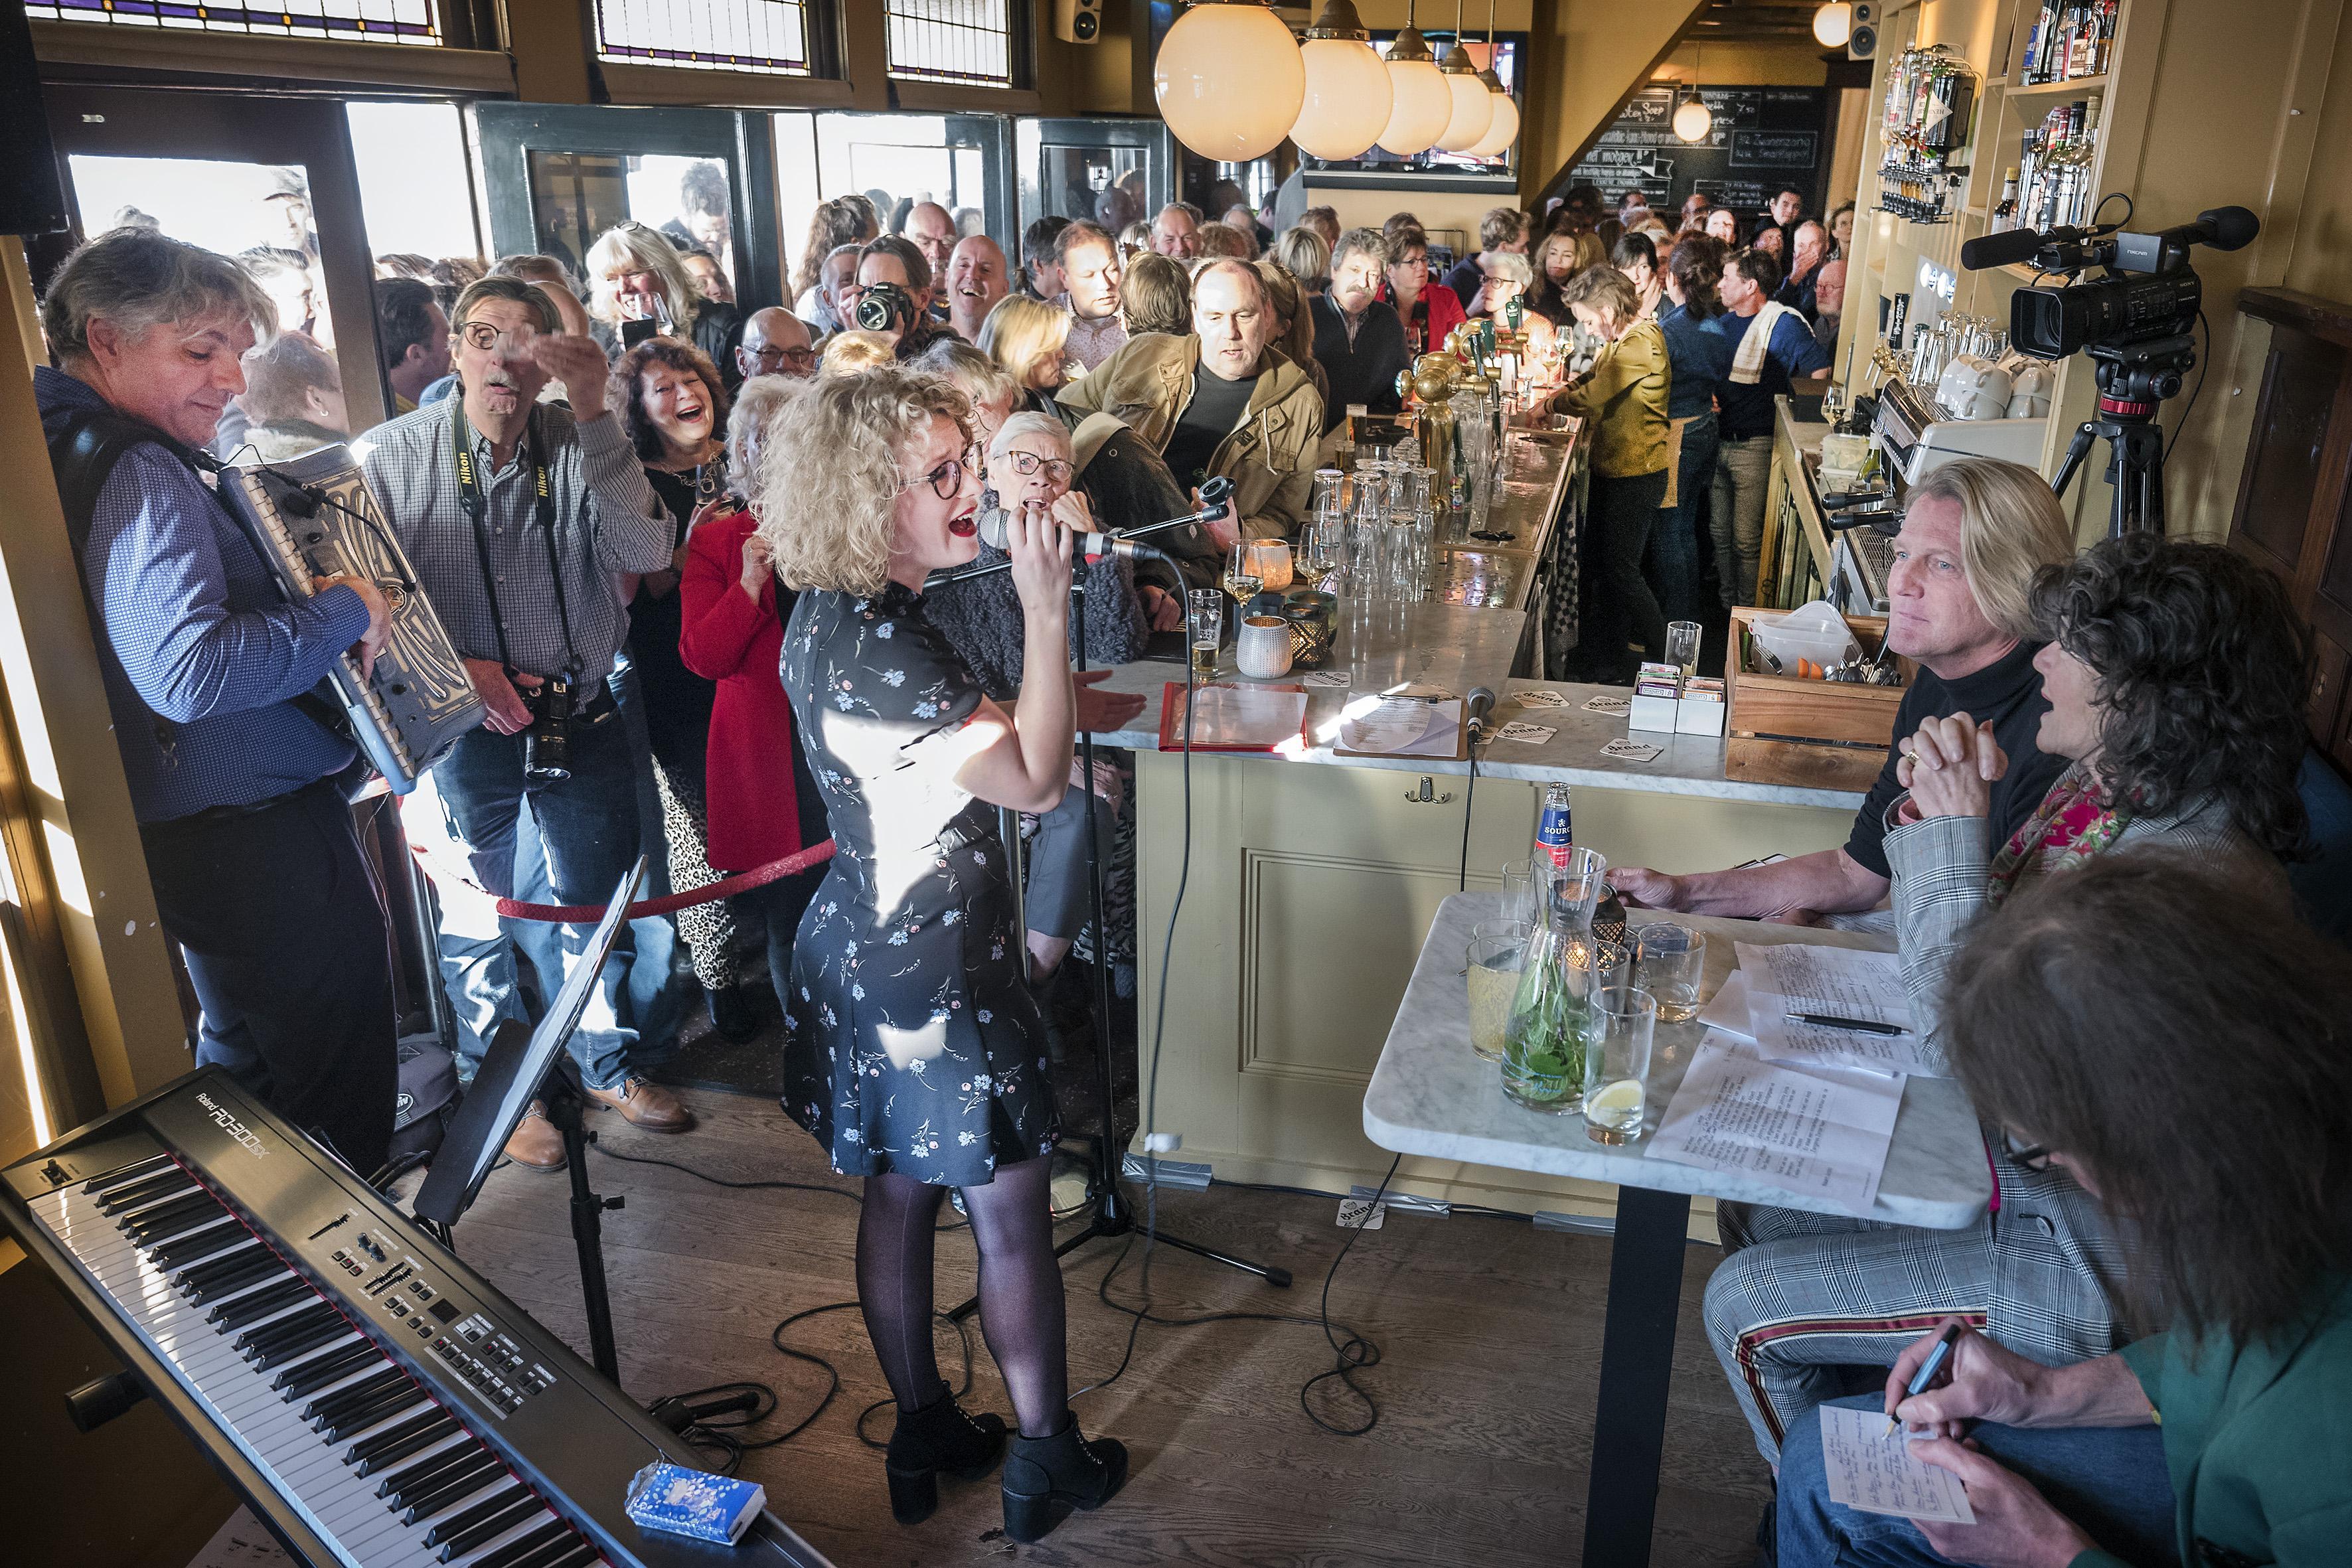 Smartlappenfestival Zwanenzang op herhaling in café De Zwaan in Haarlem